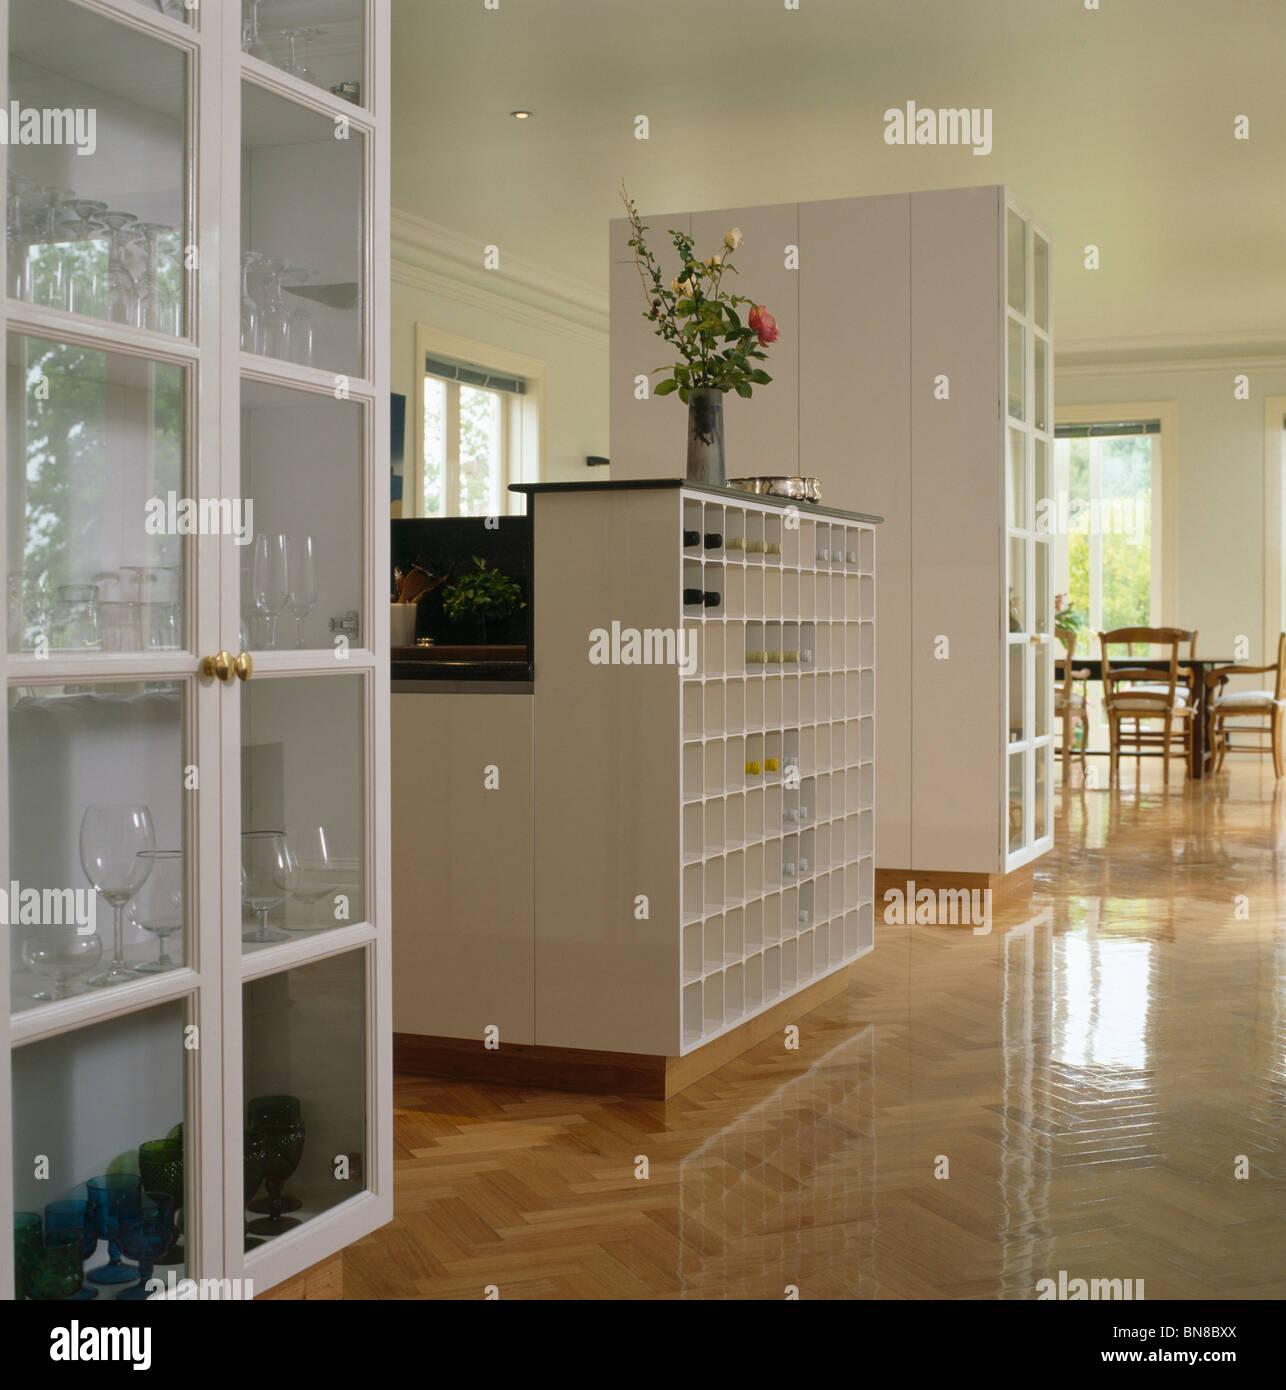 Moderne Offene Küche weißer schrank mit glastüren in große moderne offene küche mit